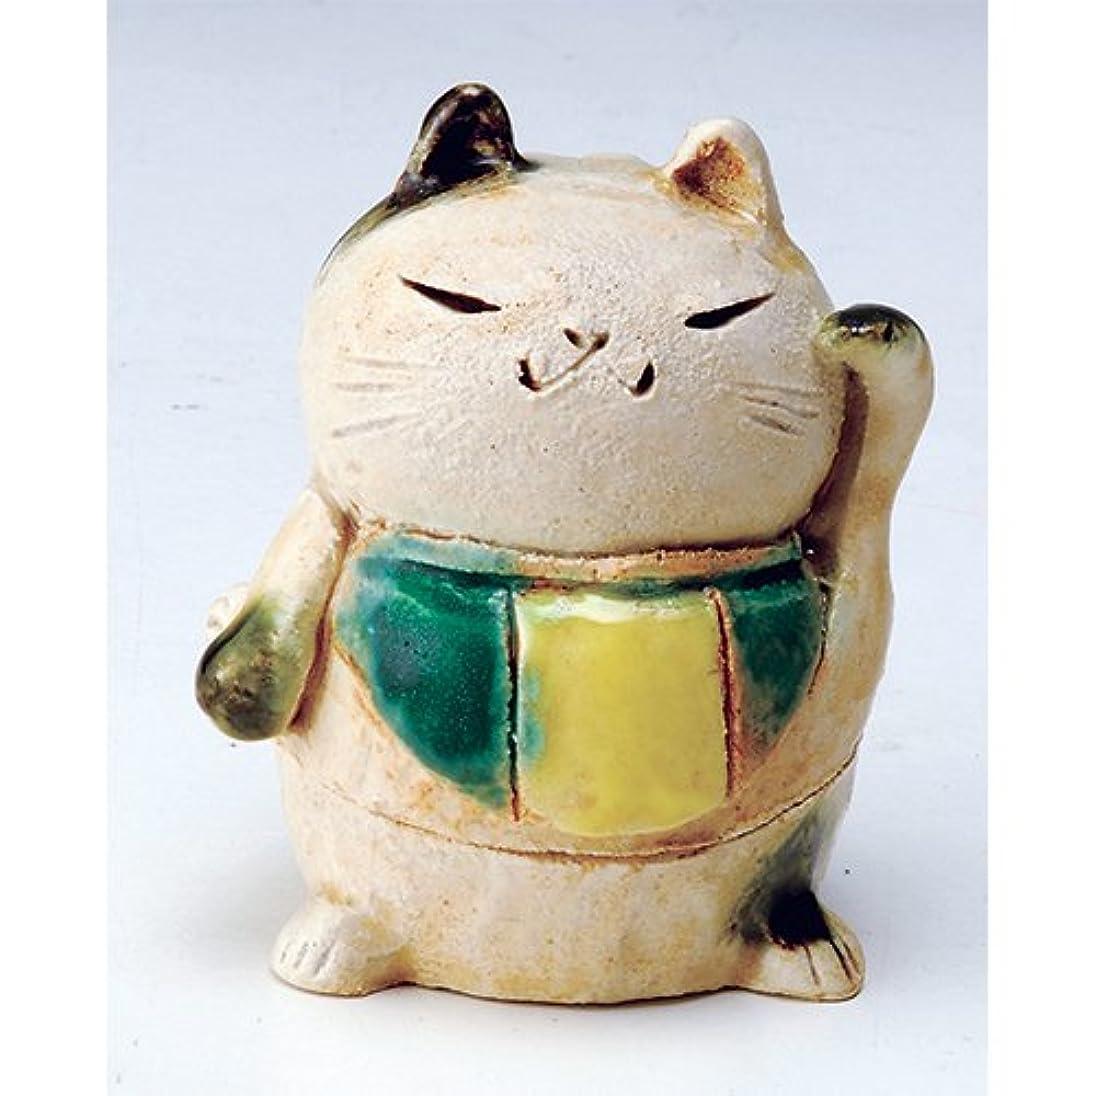 香炉 白萩 招き猫(人)香炉(小) [H8cm] HANDMADE プレゼント ギフト 和食器 かわいい インテリア